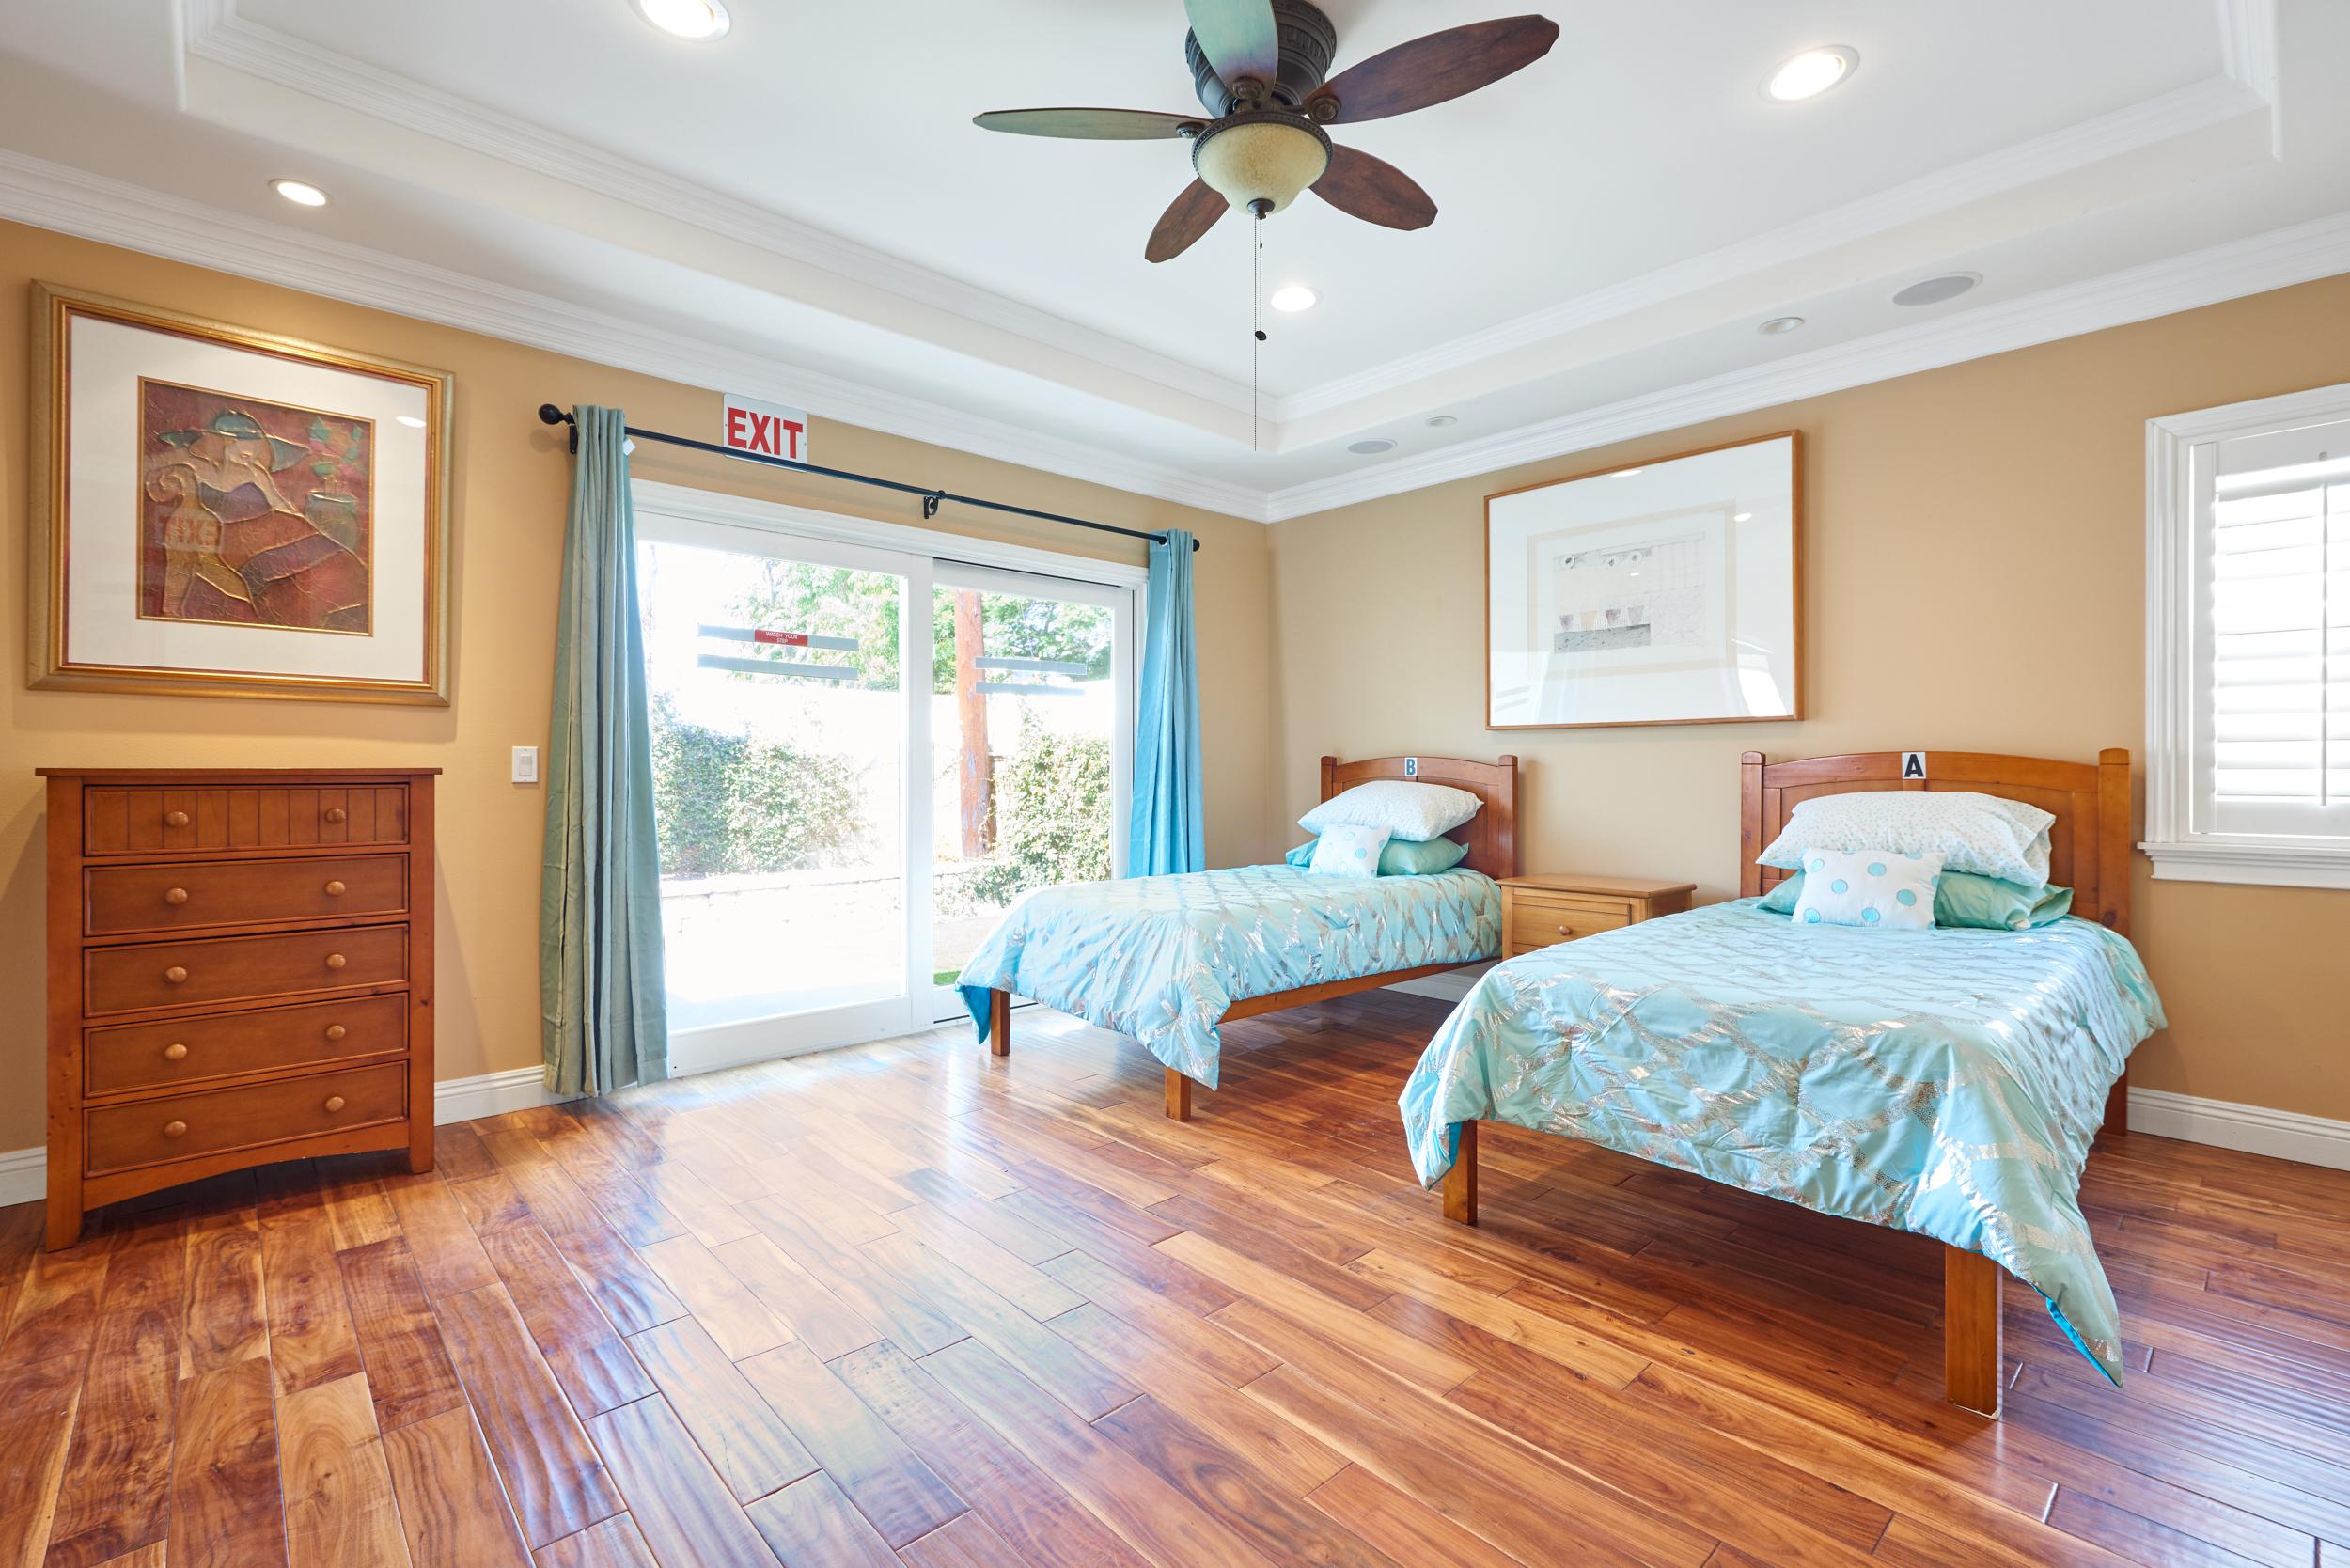 https://secureservercdn.net/198.71.233.107/zgw.2cd.myftpupload.com/wp-content/uploads/2020/08/Gratitude-Lodge-Long-Beach-Master-Bedroom-1.jpg?time=1607134972